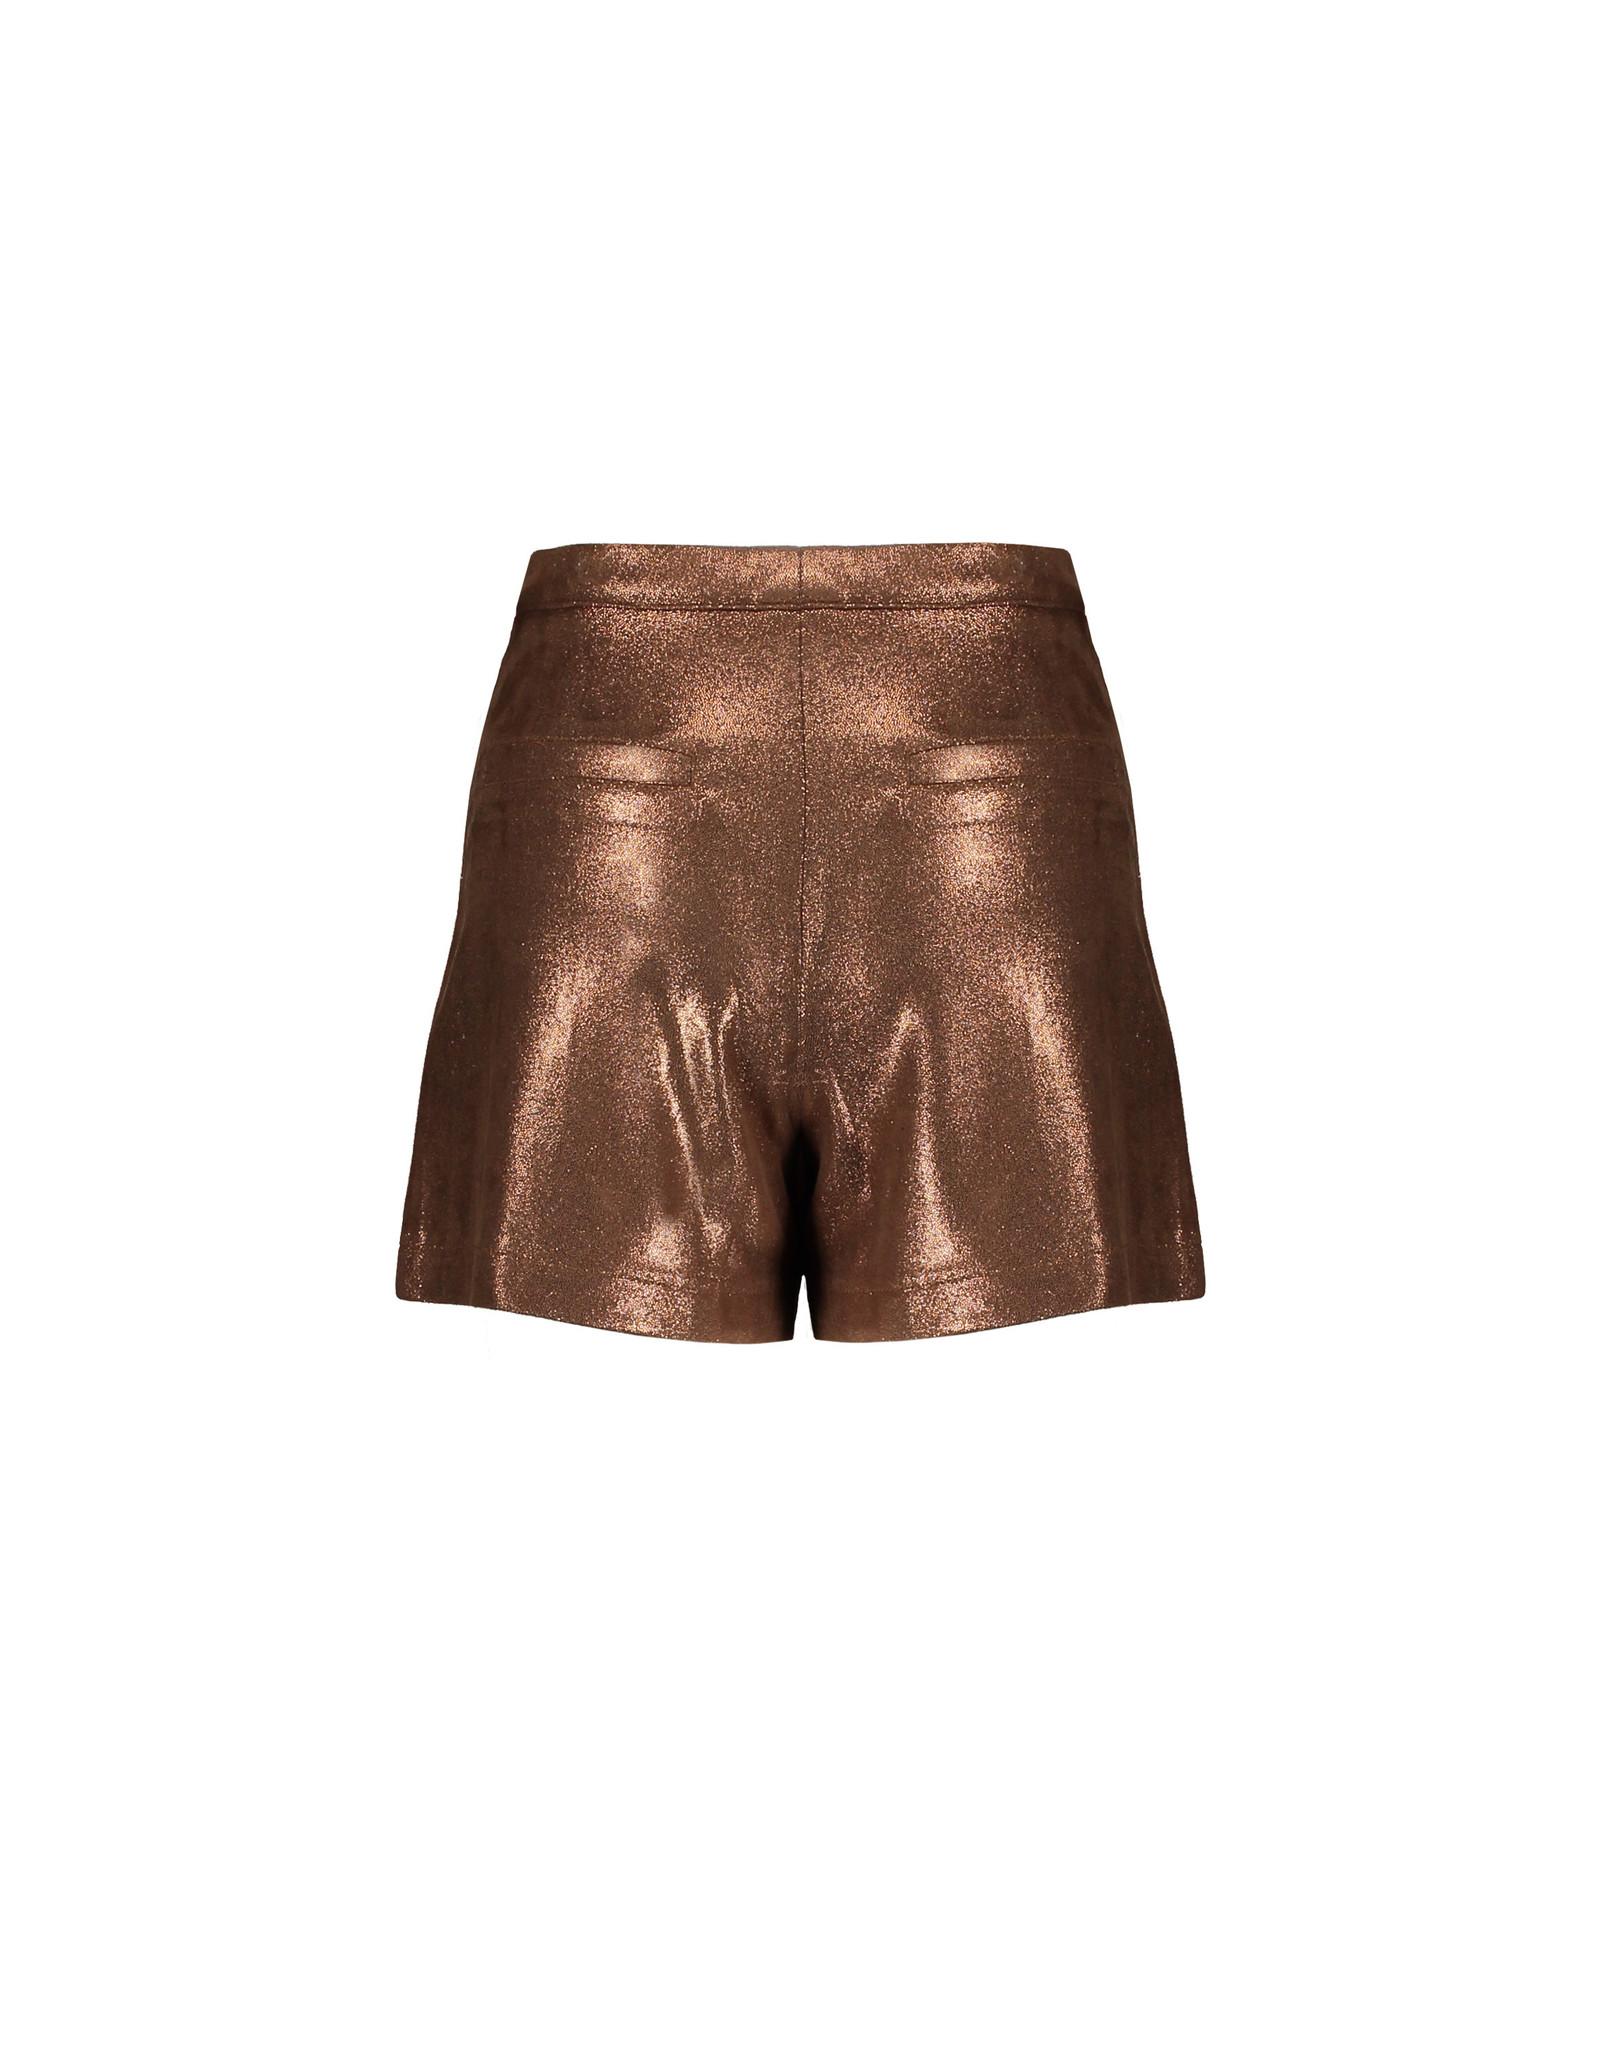 NONO NoNo Sabine B Short  Warm Copper